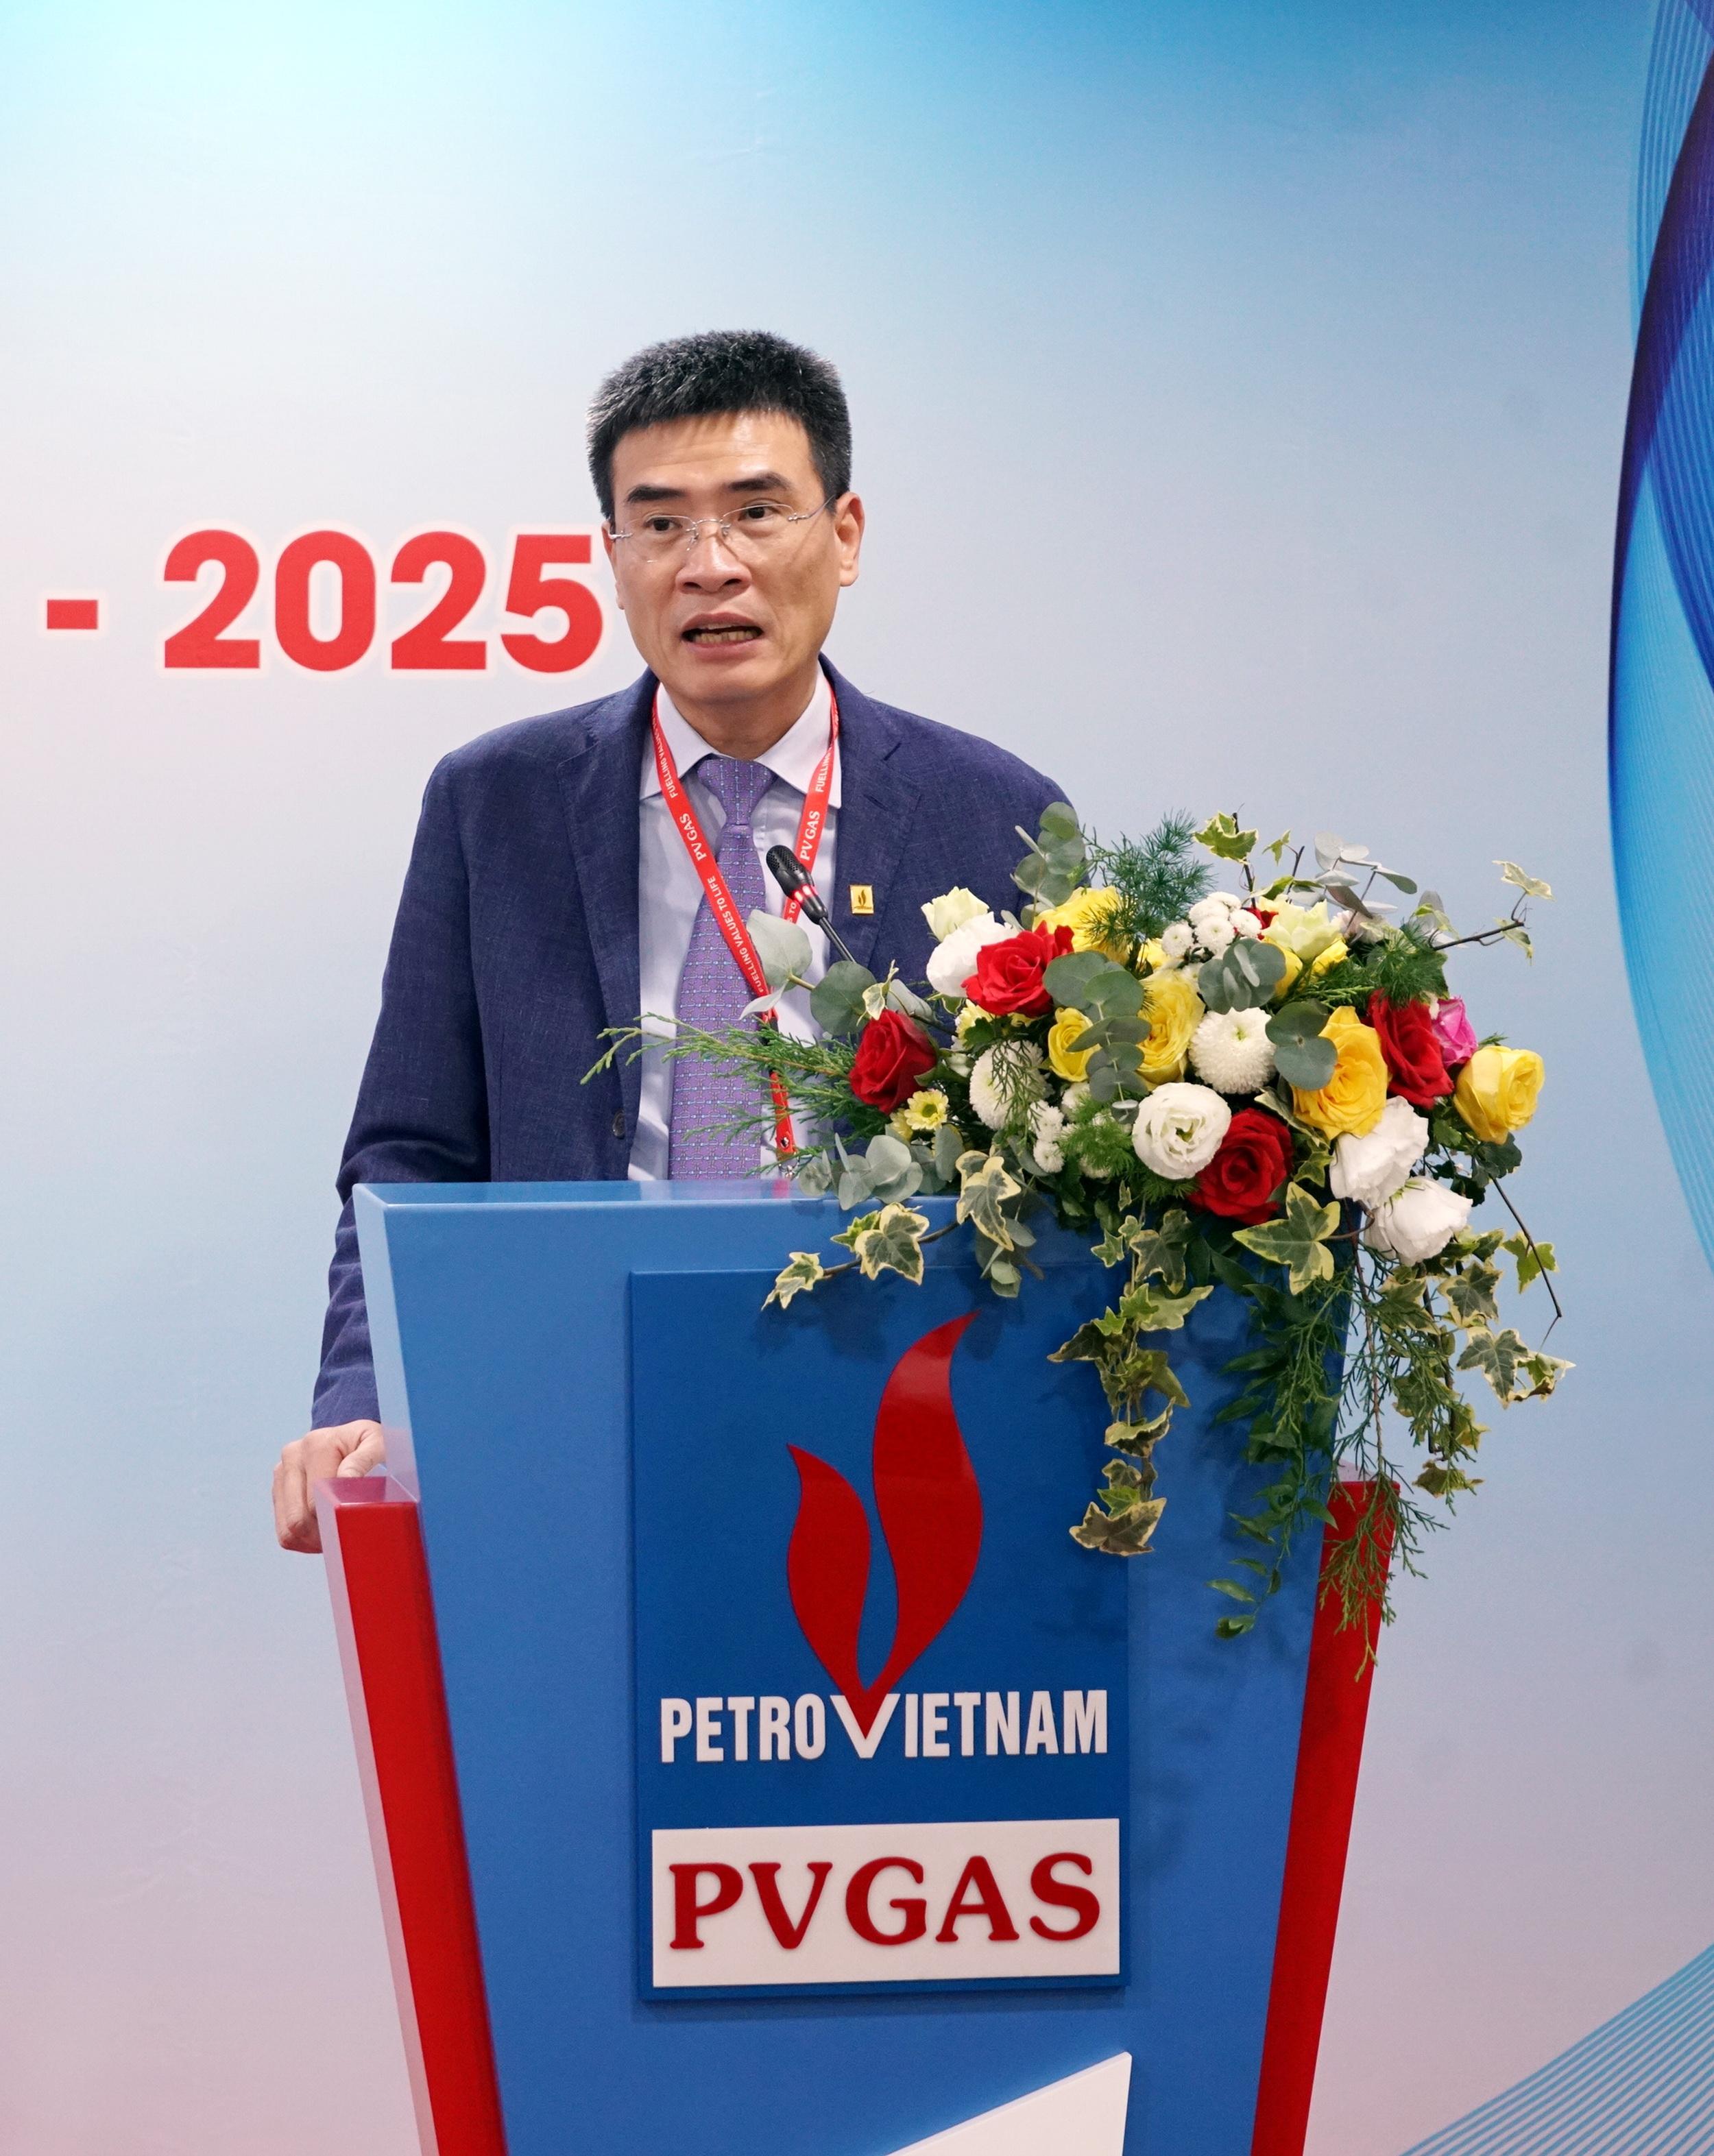 Phát biểu của ông Dương Mạnh Sơn - Bí thư Đảng ủy, Tổng Giám đốc PV GAS